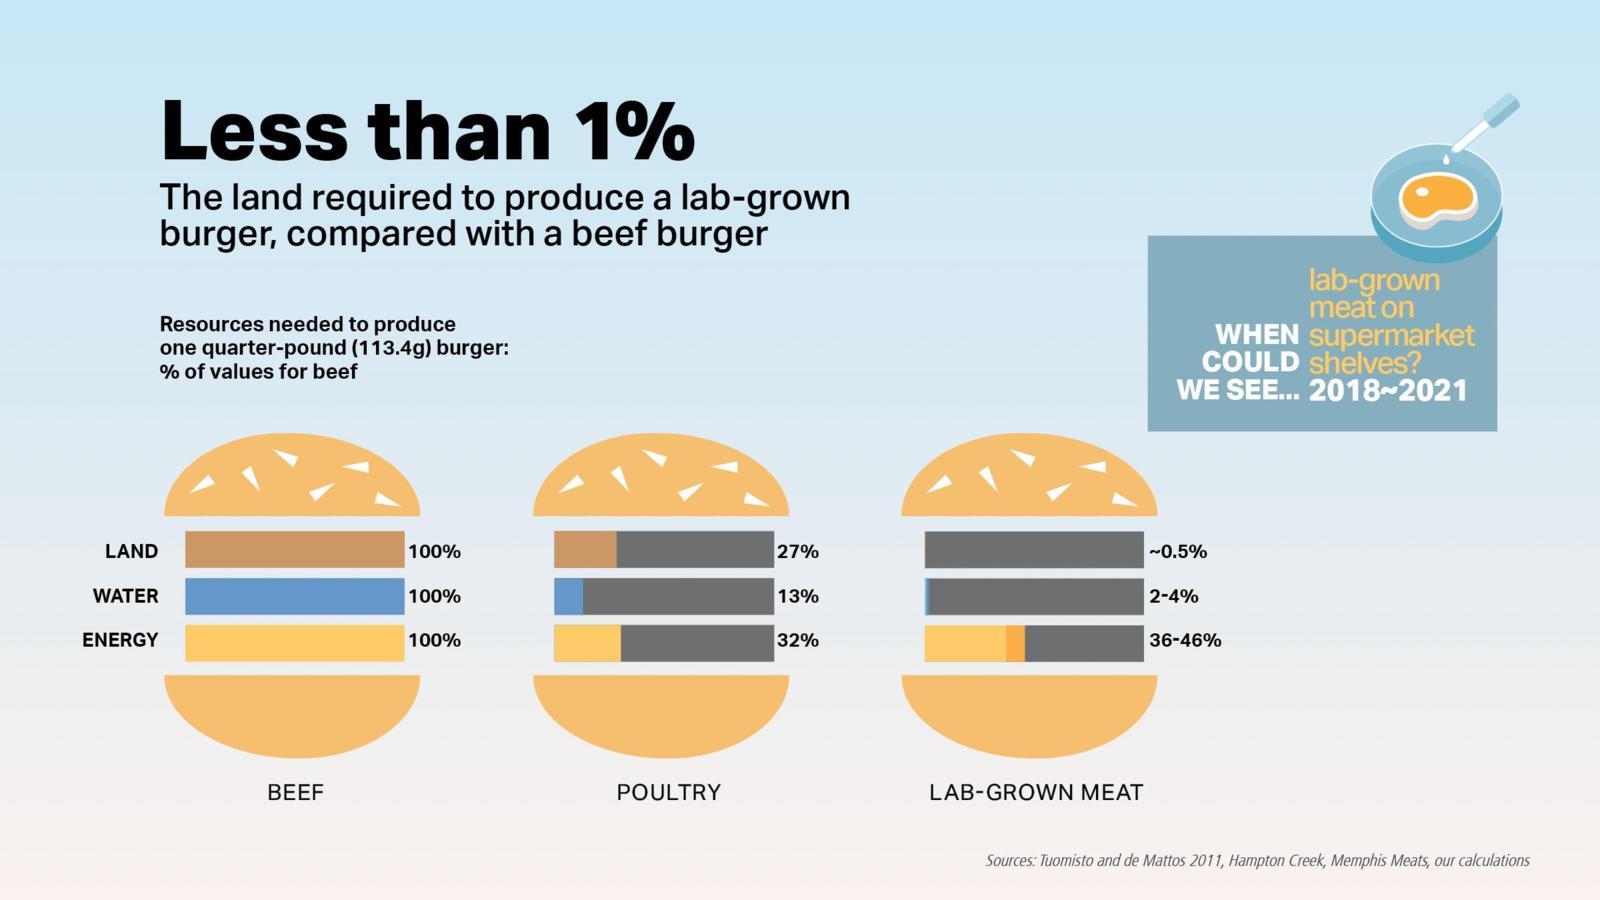 科學家預計在2018年可在商店銷售人造肉